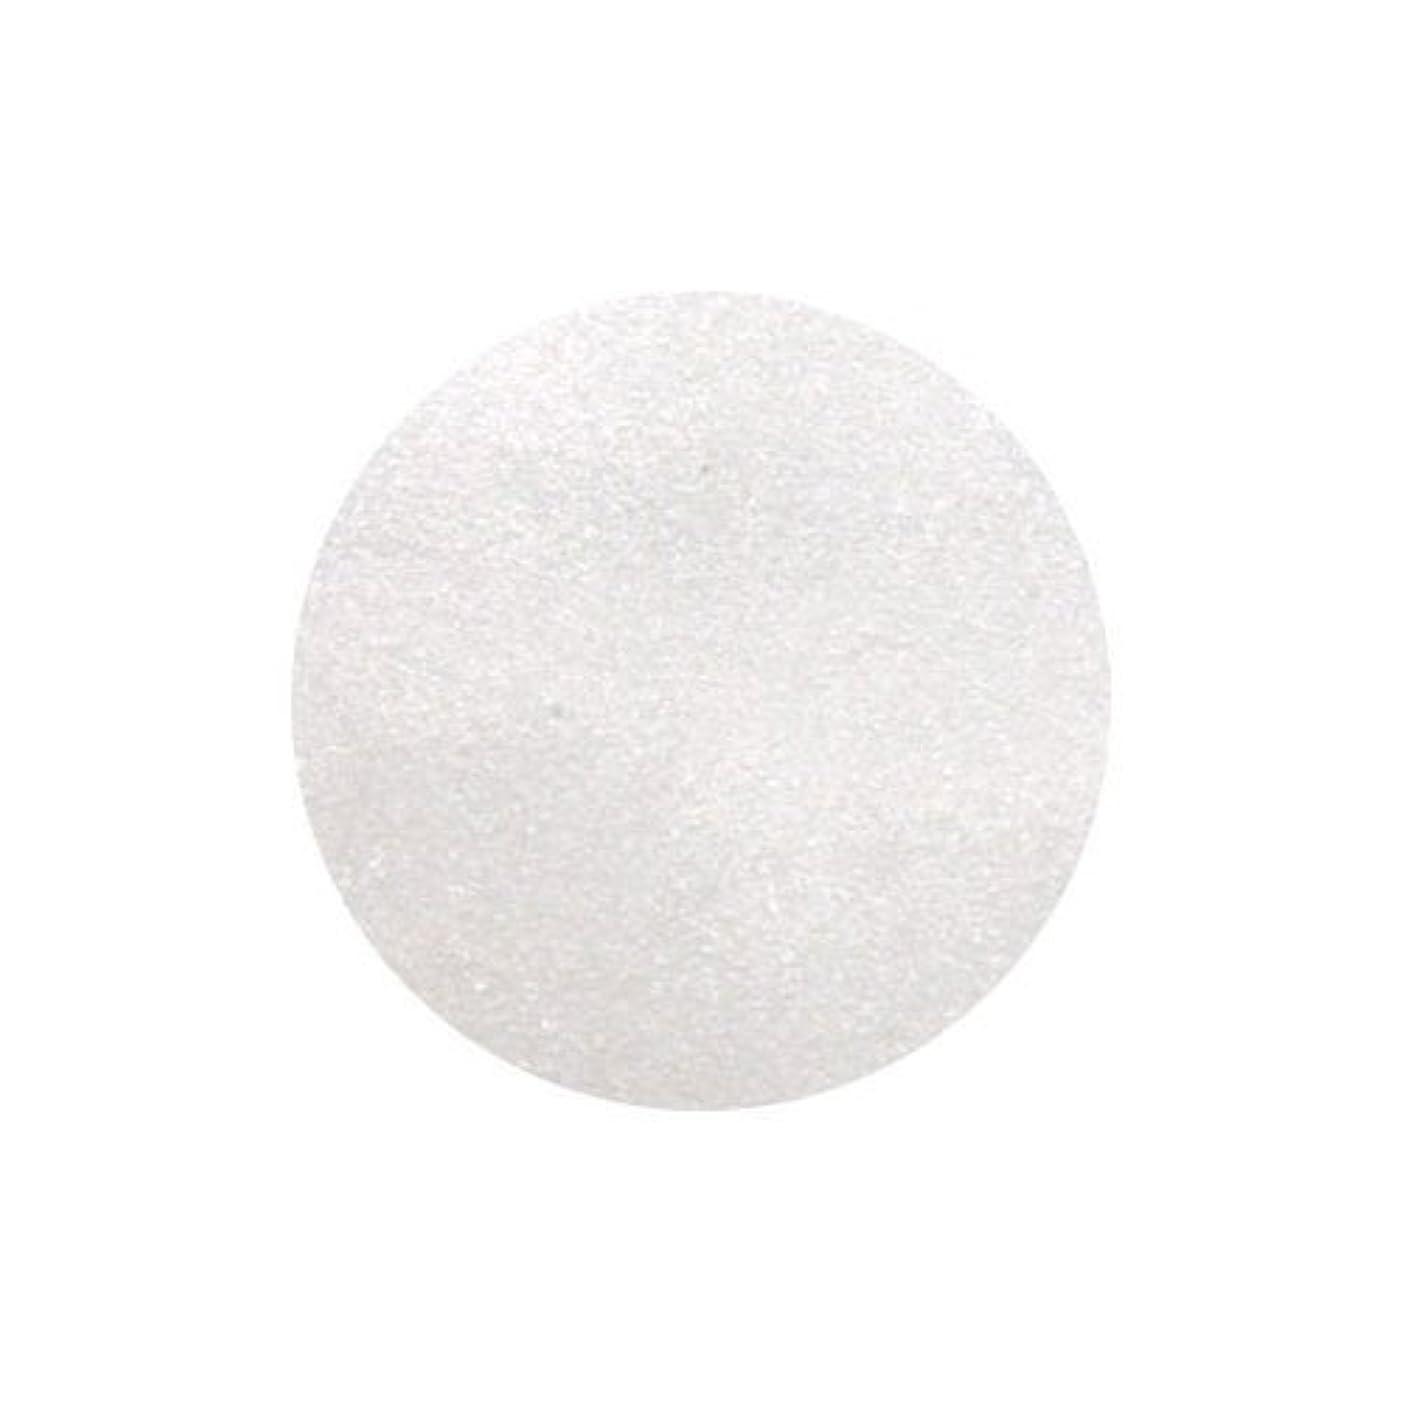 非難するエレガントゴールデンピカエース ネイル用パウダー ピカエース クリスタルパール 3S #420-CW3S ホワイト 0.5g アート材